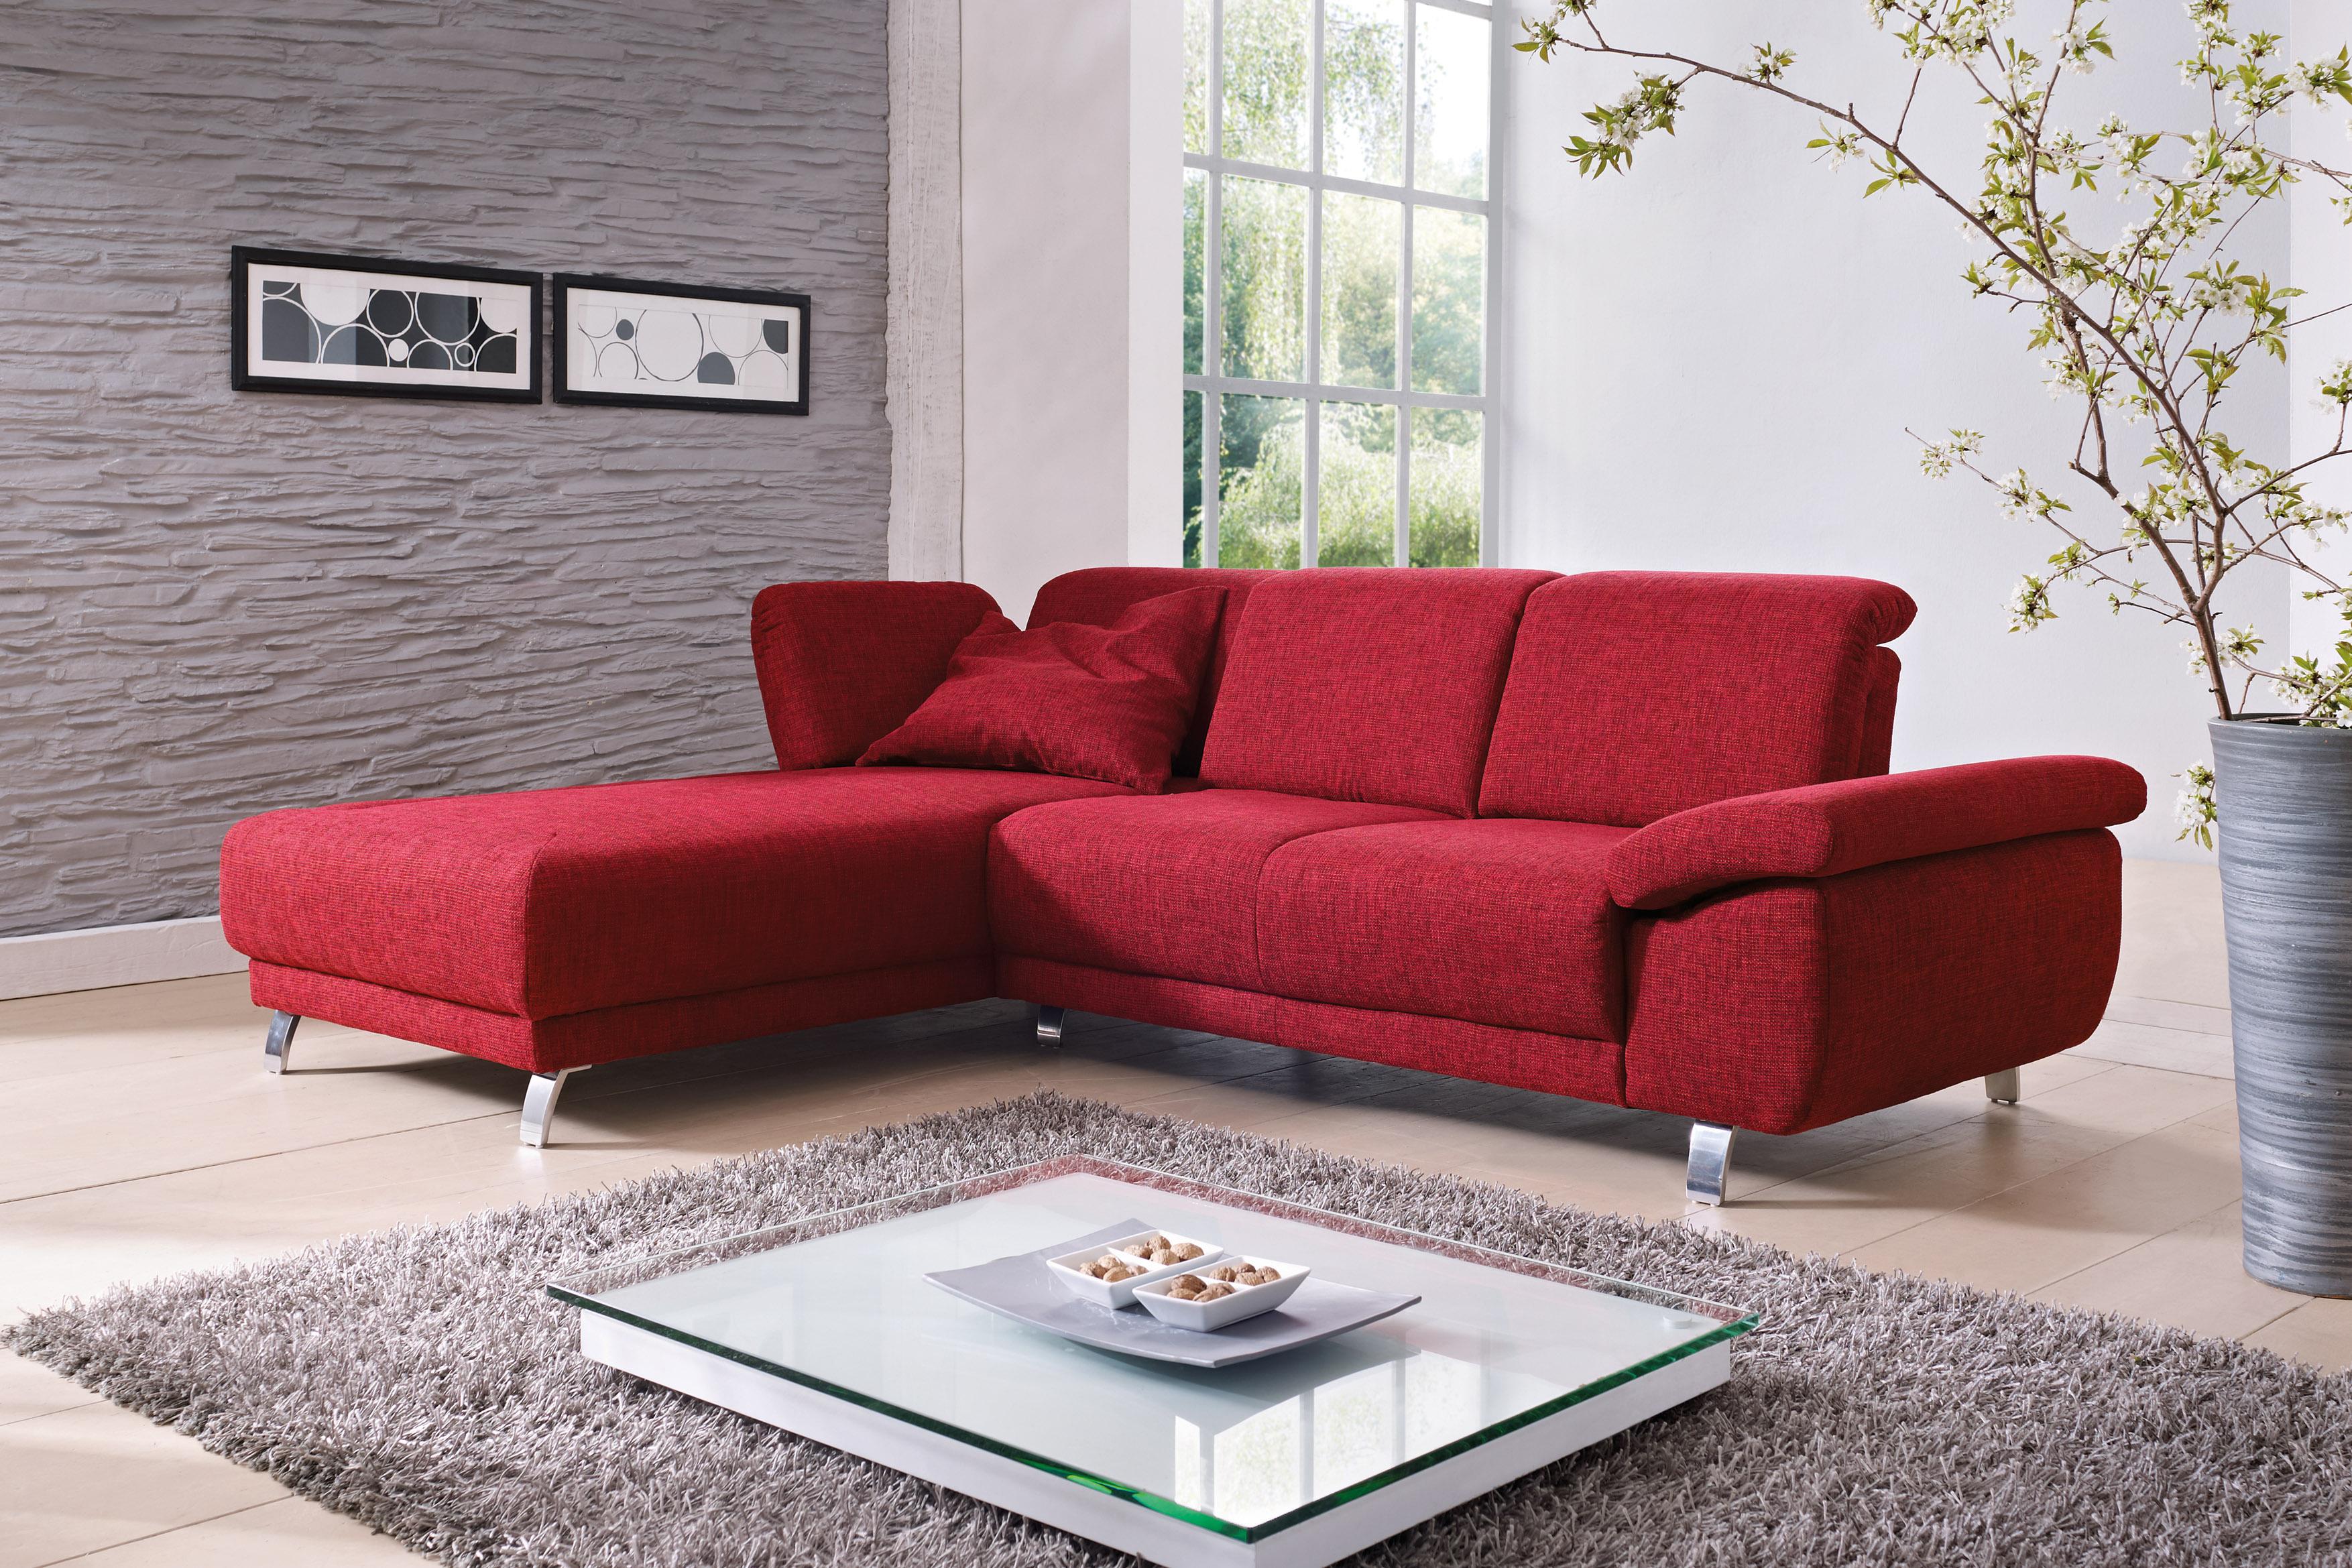 paolo nero polstergarnitur time von dietsch m bel letz ihr online shop. Black Bedroom Furniture Sets. Home Design Ideas